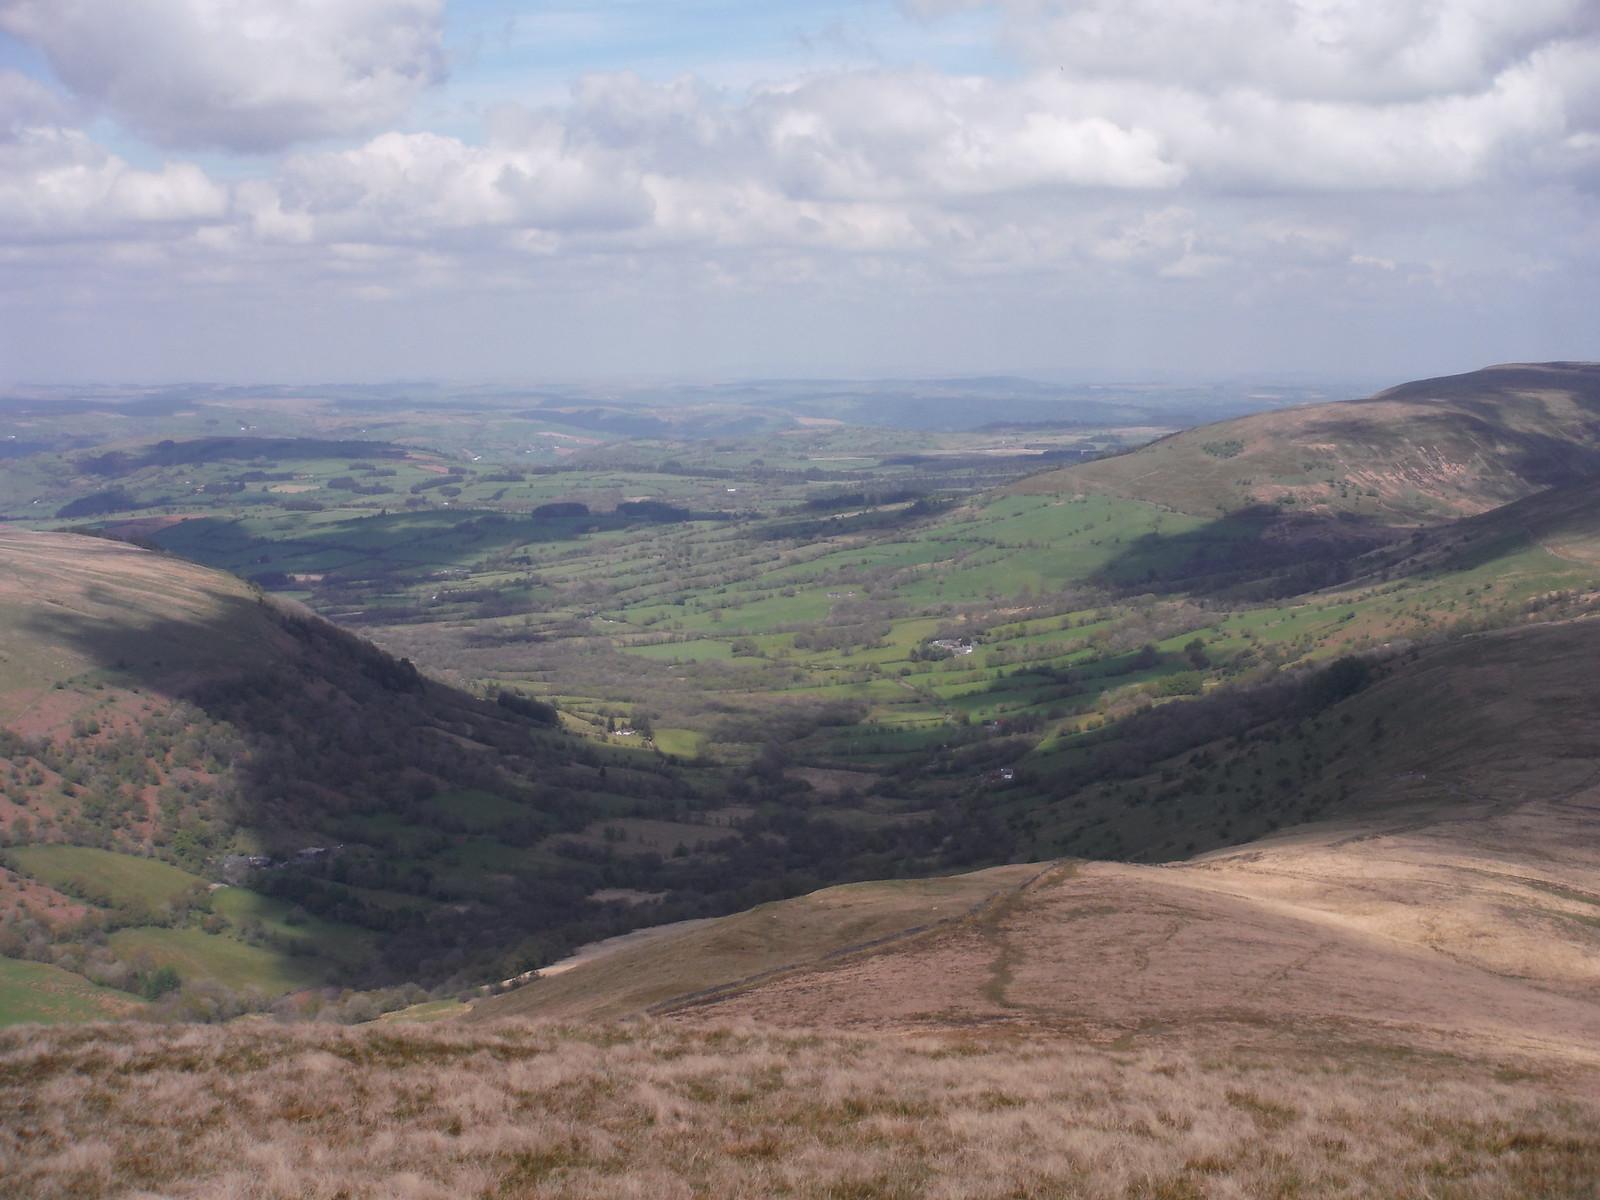 Cwm Treweryn towards Sennybridge SWC Walk 307 - Fforest Fawr Traverse (Craig y Nos to Llwyn-y-celyn)